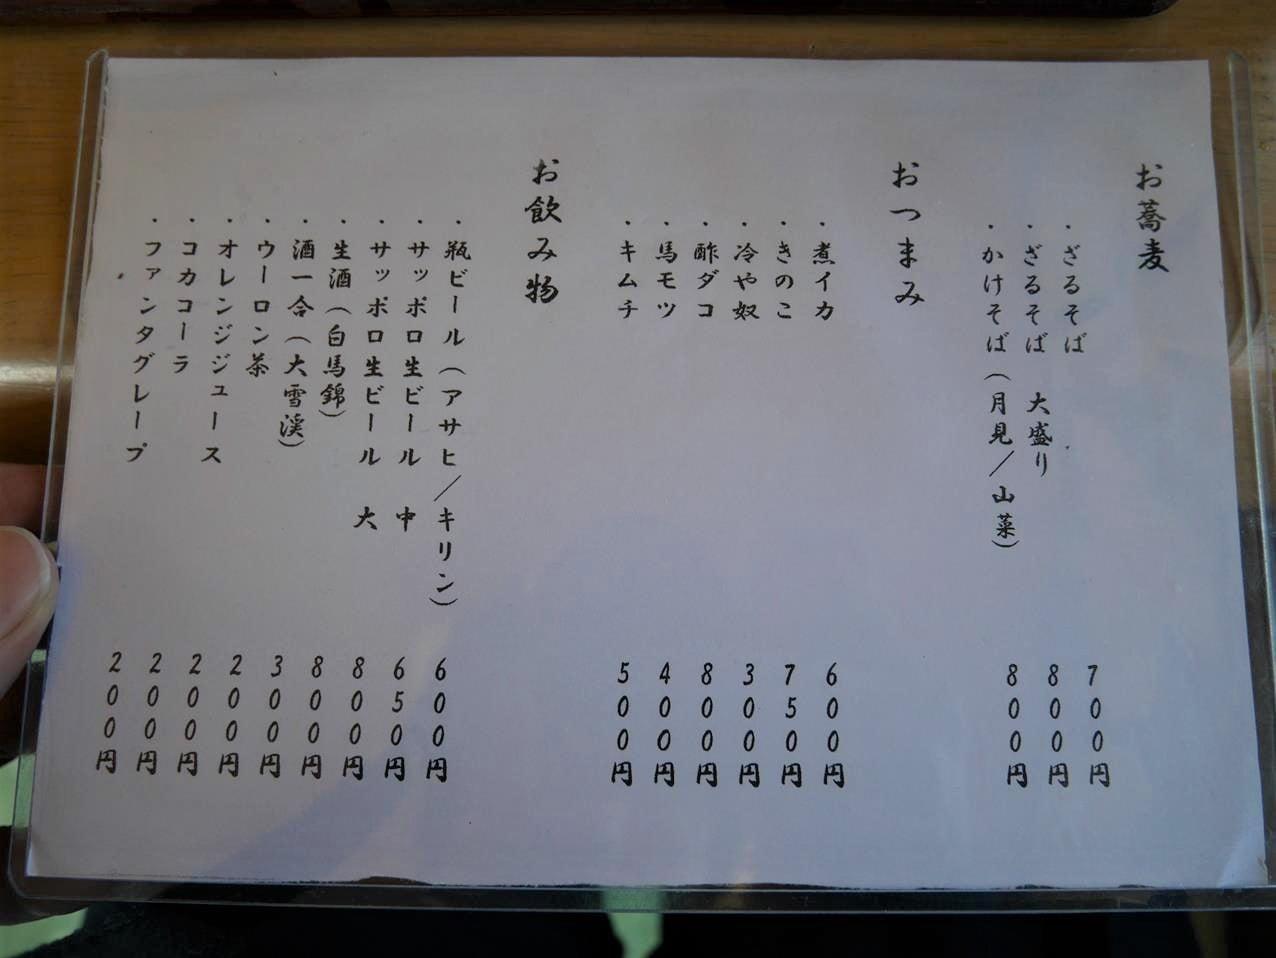 安曇野見晴(みはらし)蕎麥麵店菜單